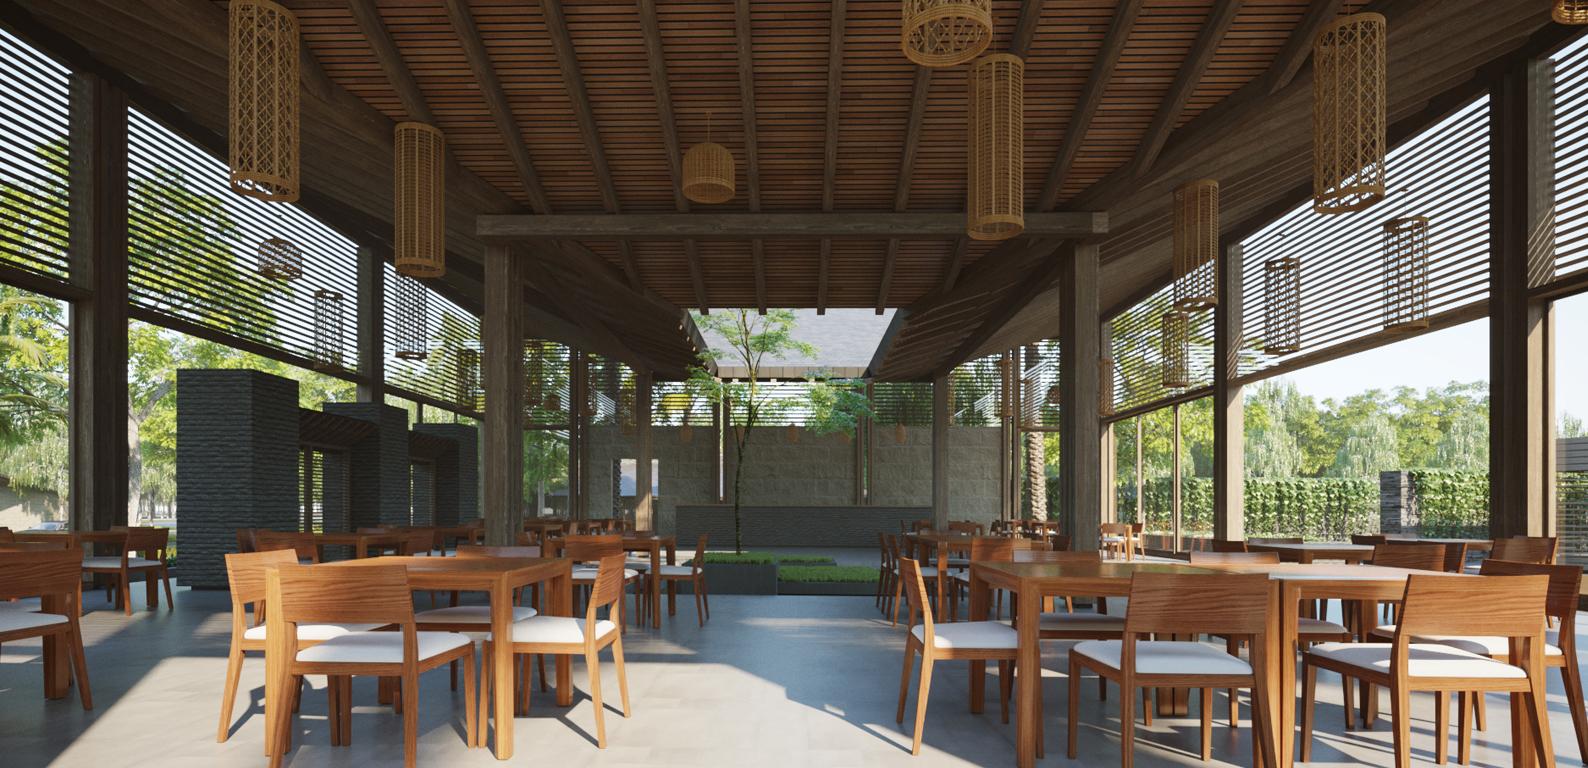 thiết kế Resort tại Khánh Hòa Resort Quốc Bảo 10 1531359424